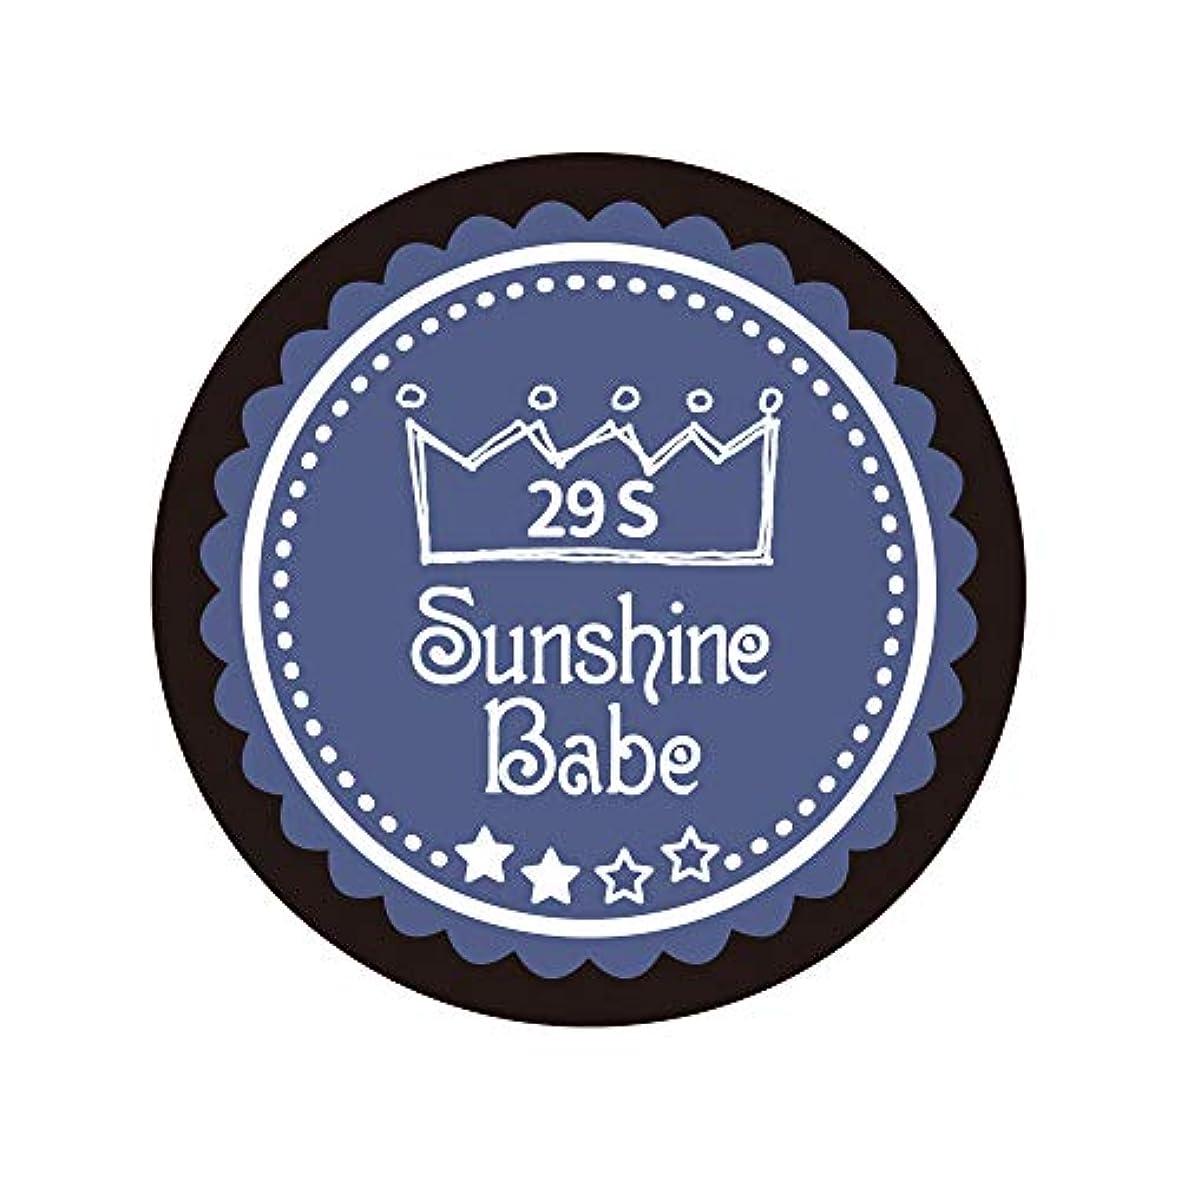 に向けて出発メタリック追い越すSunshine Babe カラージェル 29S ネイビーグレー 2.7g UV/LED対応